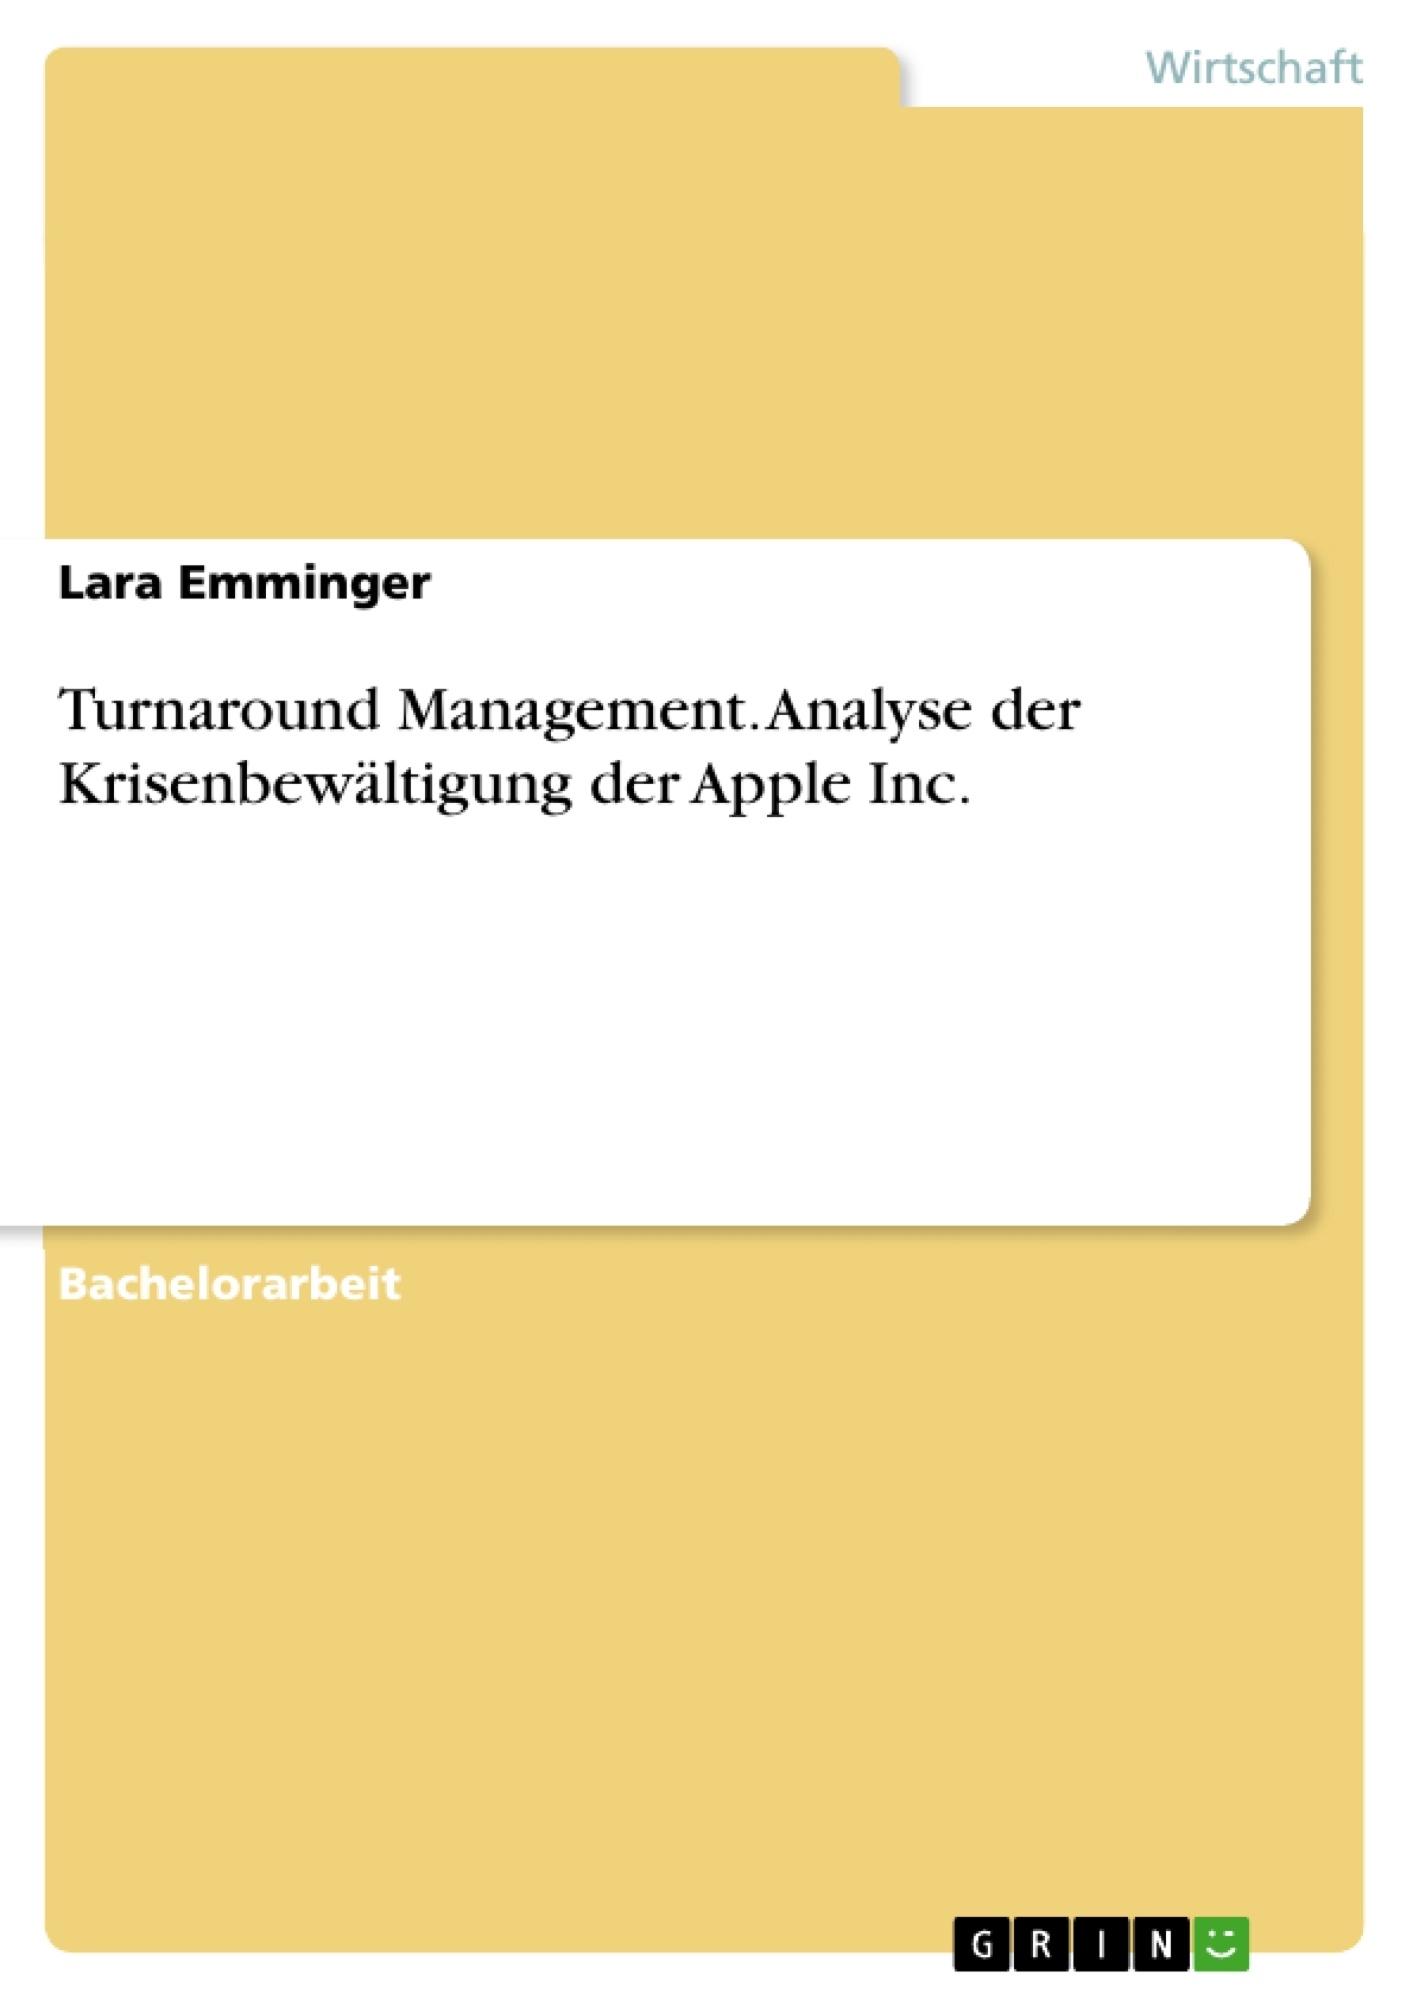 Titel: Turnaround Management. Analyse der Krisenbewältigung der Apple Inc.